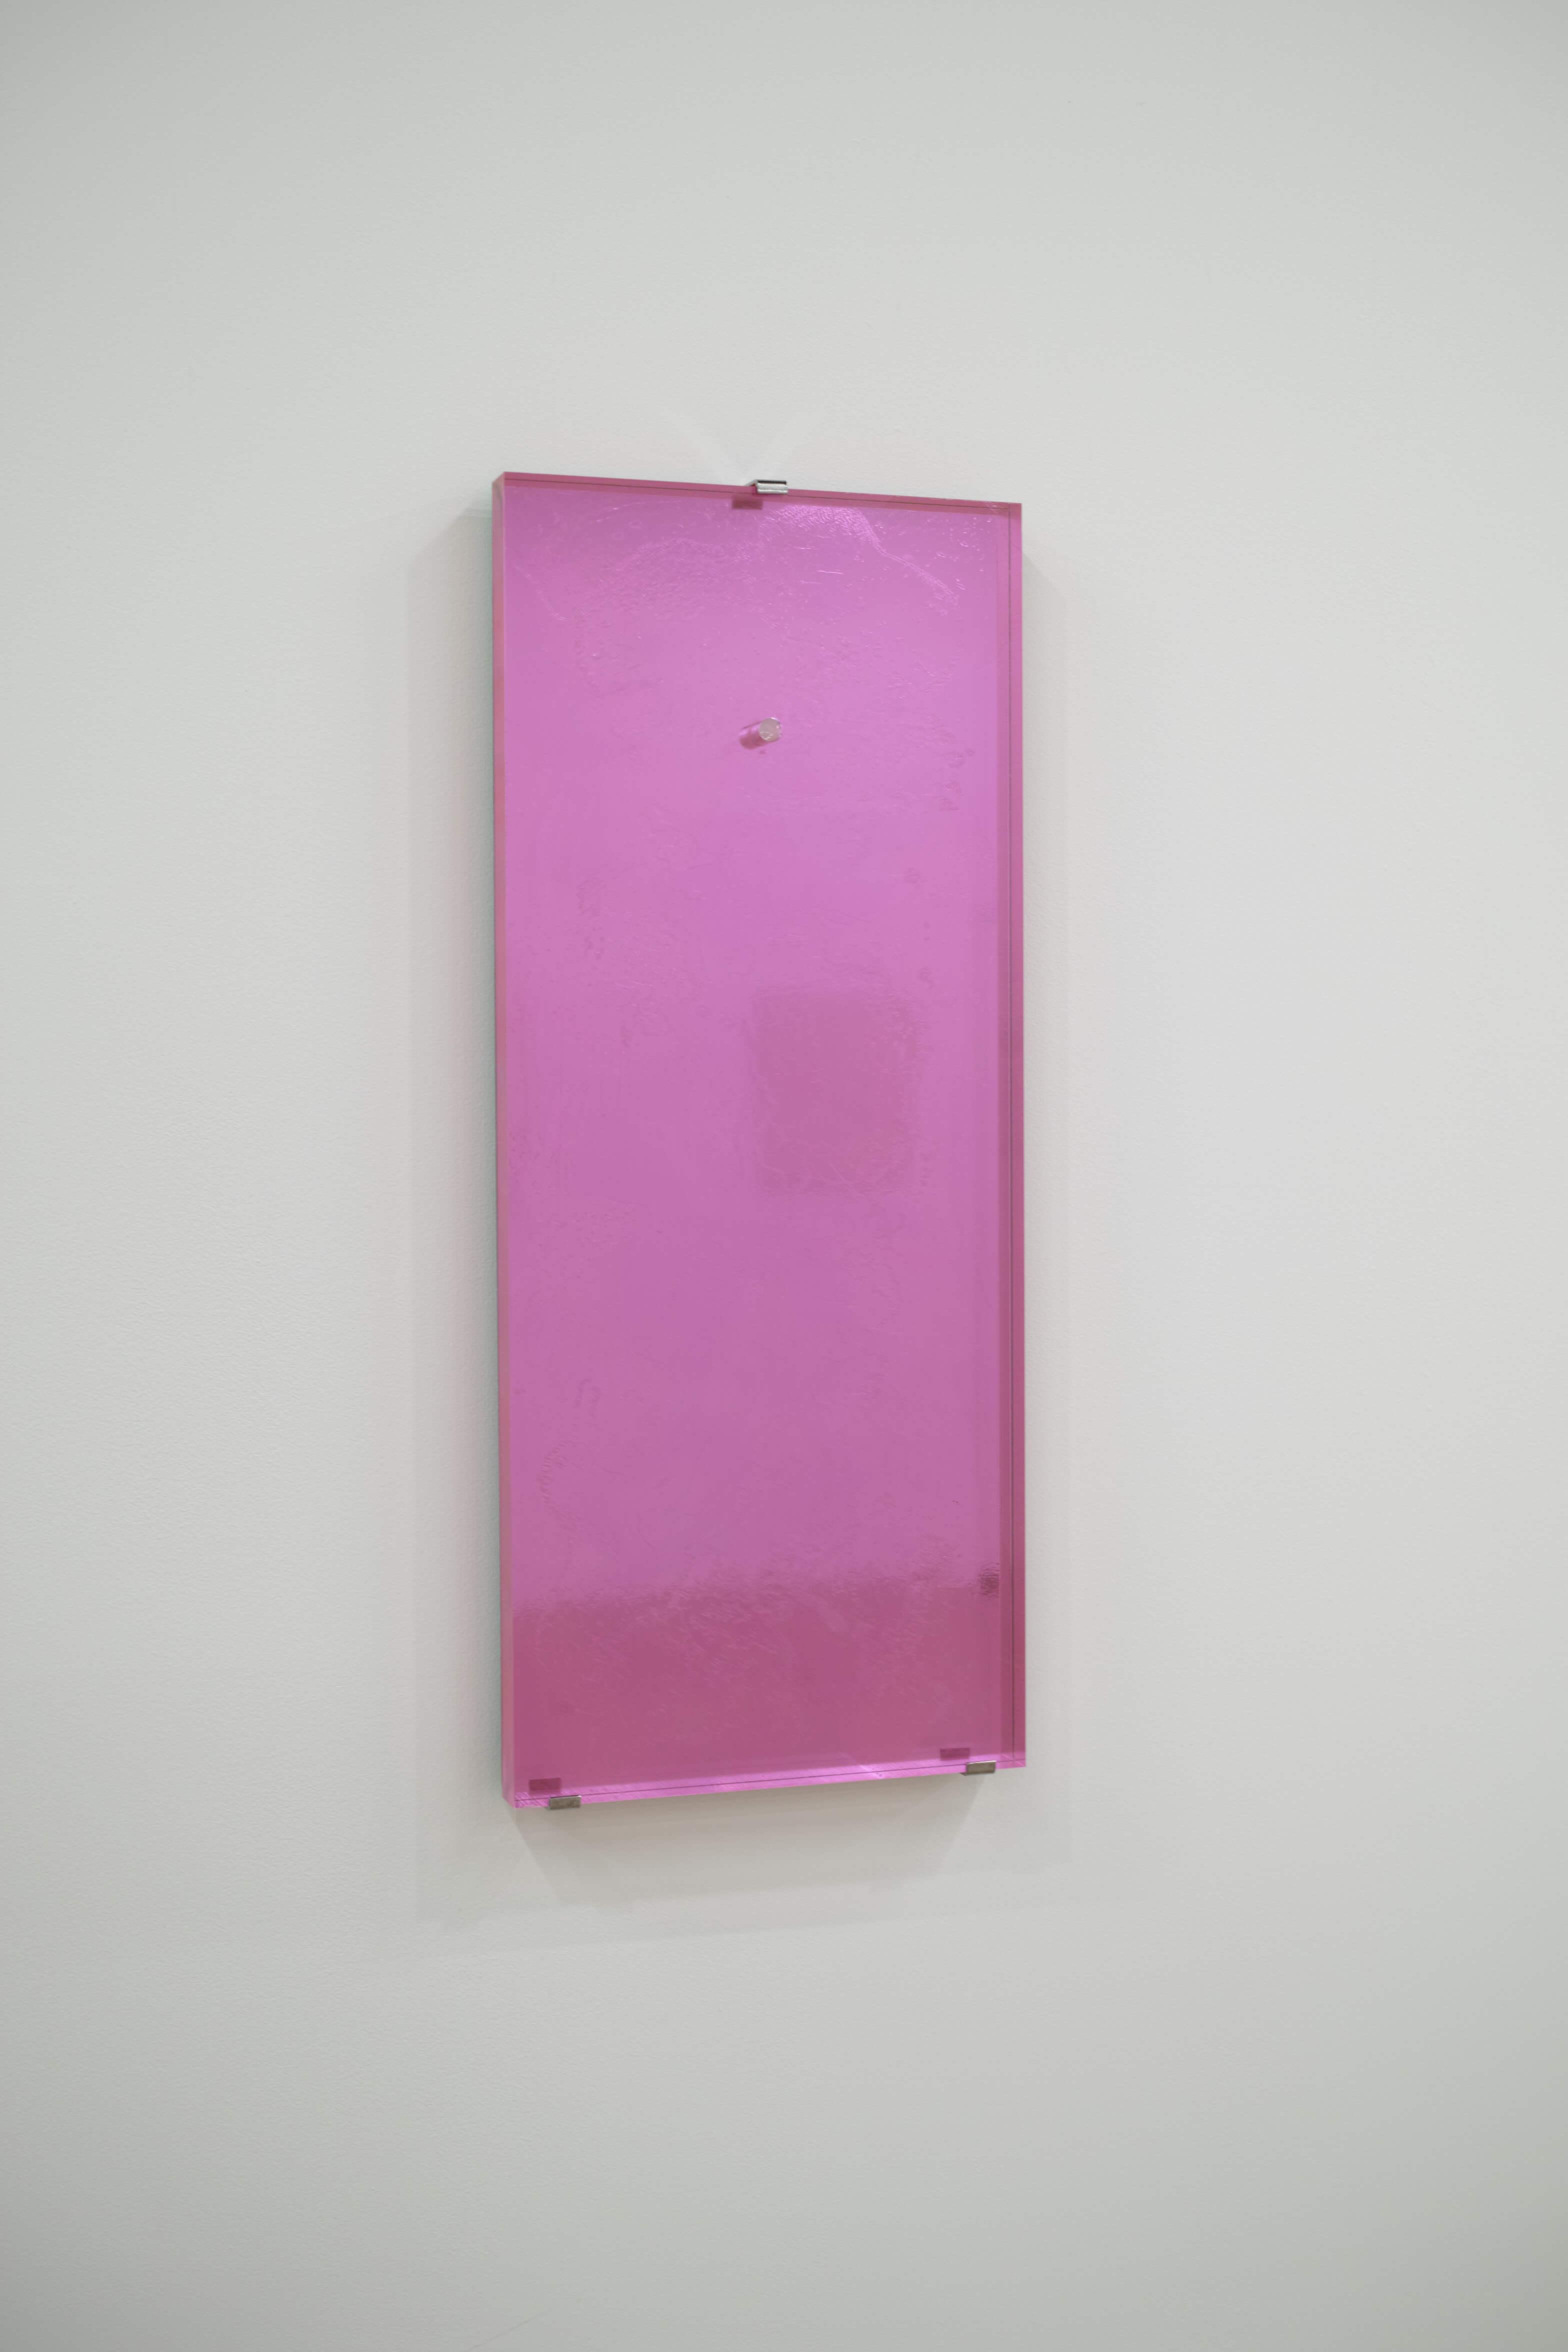 三嶽伊紗 鏡/微分する眼 鏡面アクリル、アクリル樹脂、蛍光塗料、カラーシート 25 x 60 x 2.5 cm 2010